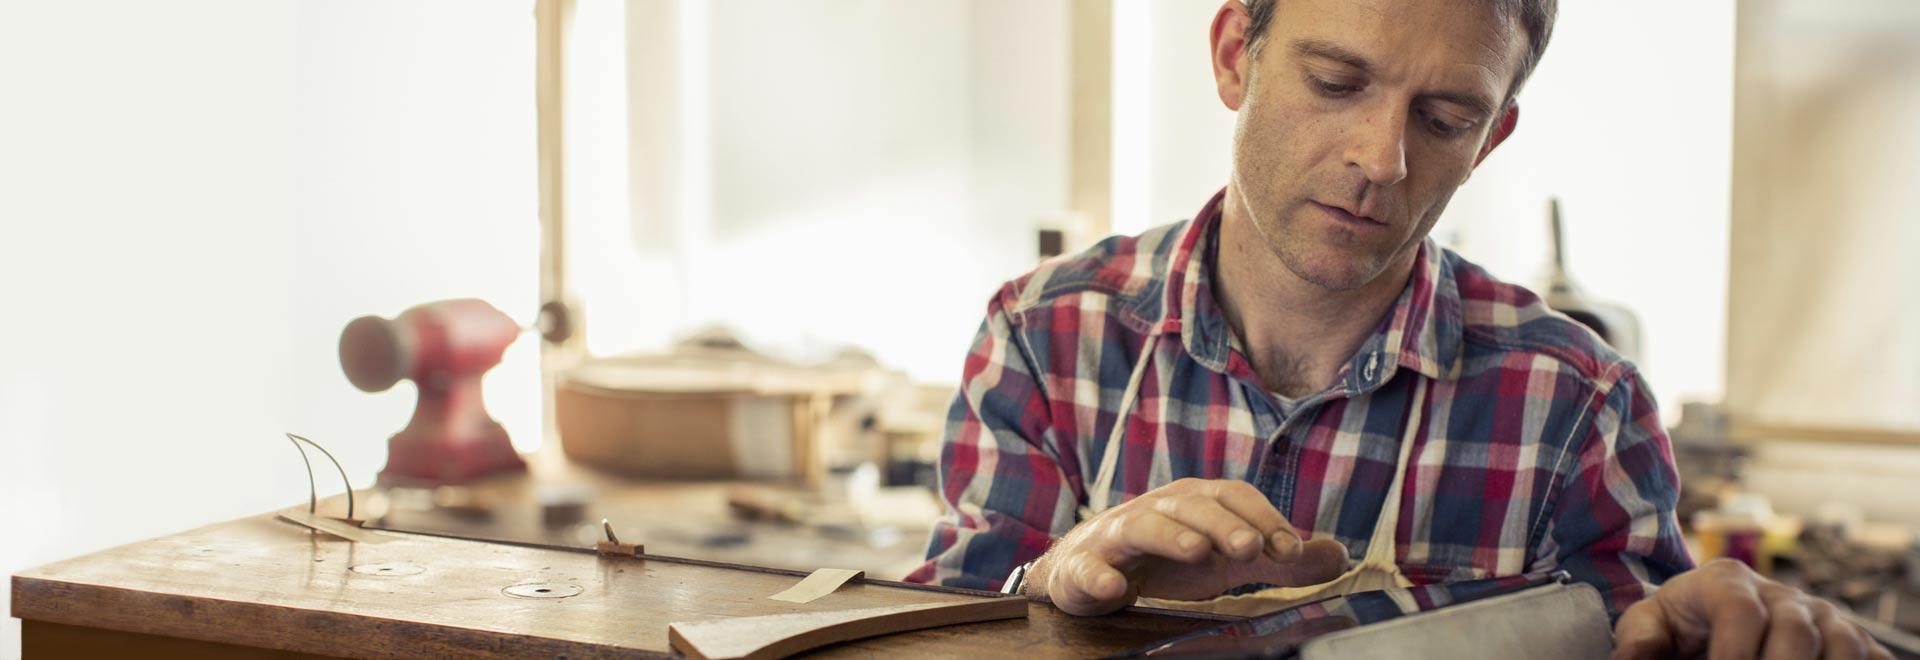 Um homem numa oficina a trabalhar com o Office 365 Empresas num tablet